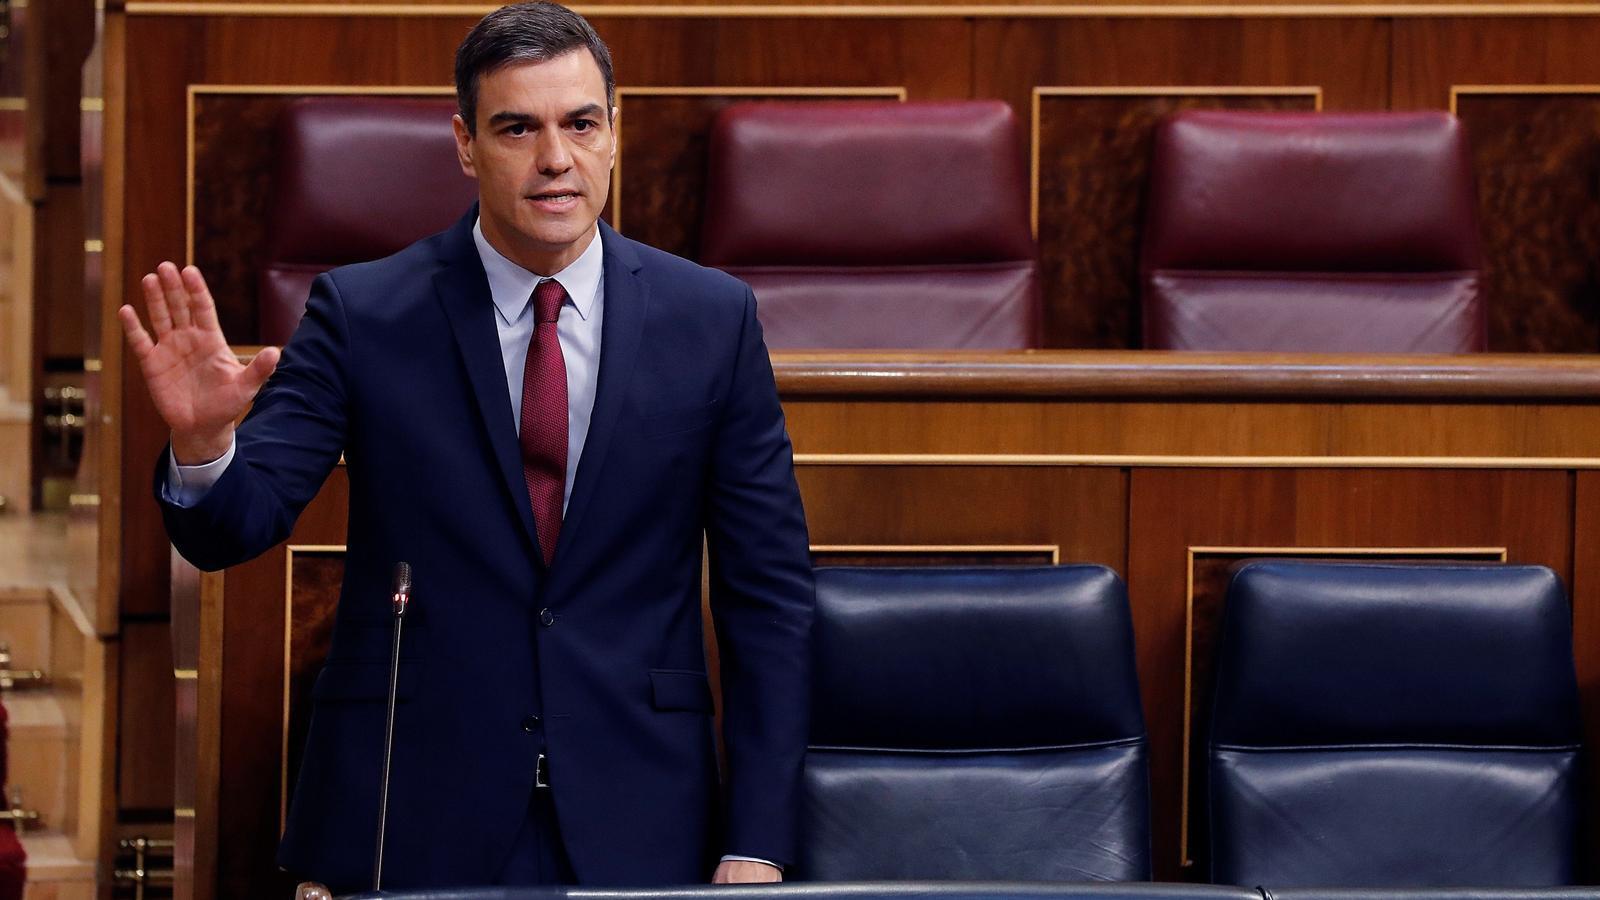 """Sánchez diu que """"la unitat salva llocs de treball"""" i Casado contesta: """"No li donarem suport per arruïnar Espanya"""""""